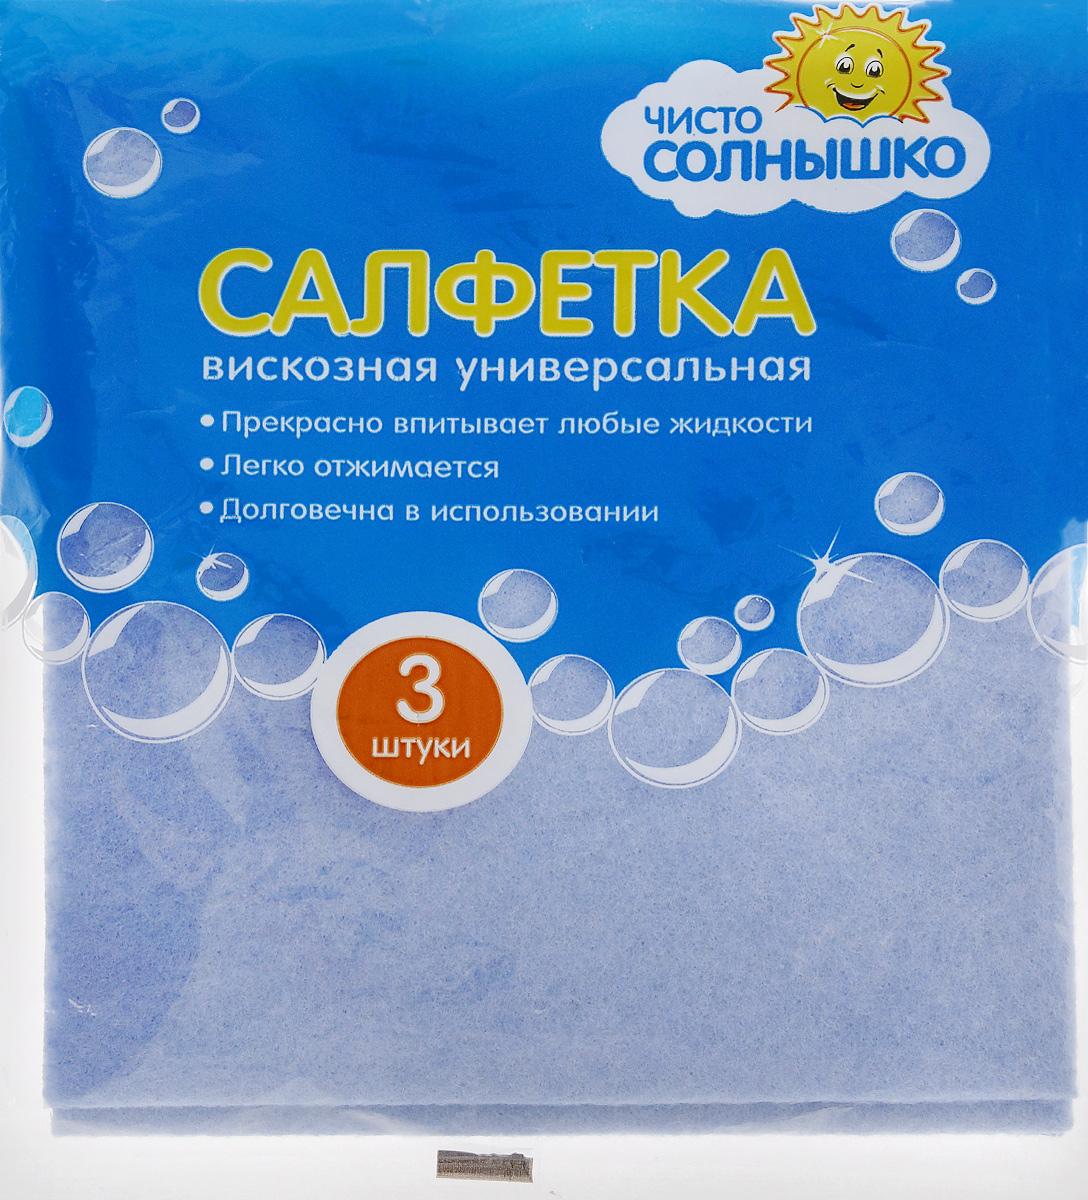 Салфетка для уборки Чисто-Солнышко, универсальная, цвет: голубой, 30 x 34 см, 3 шт салфетки для уборки top gear салфетка для уборки